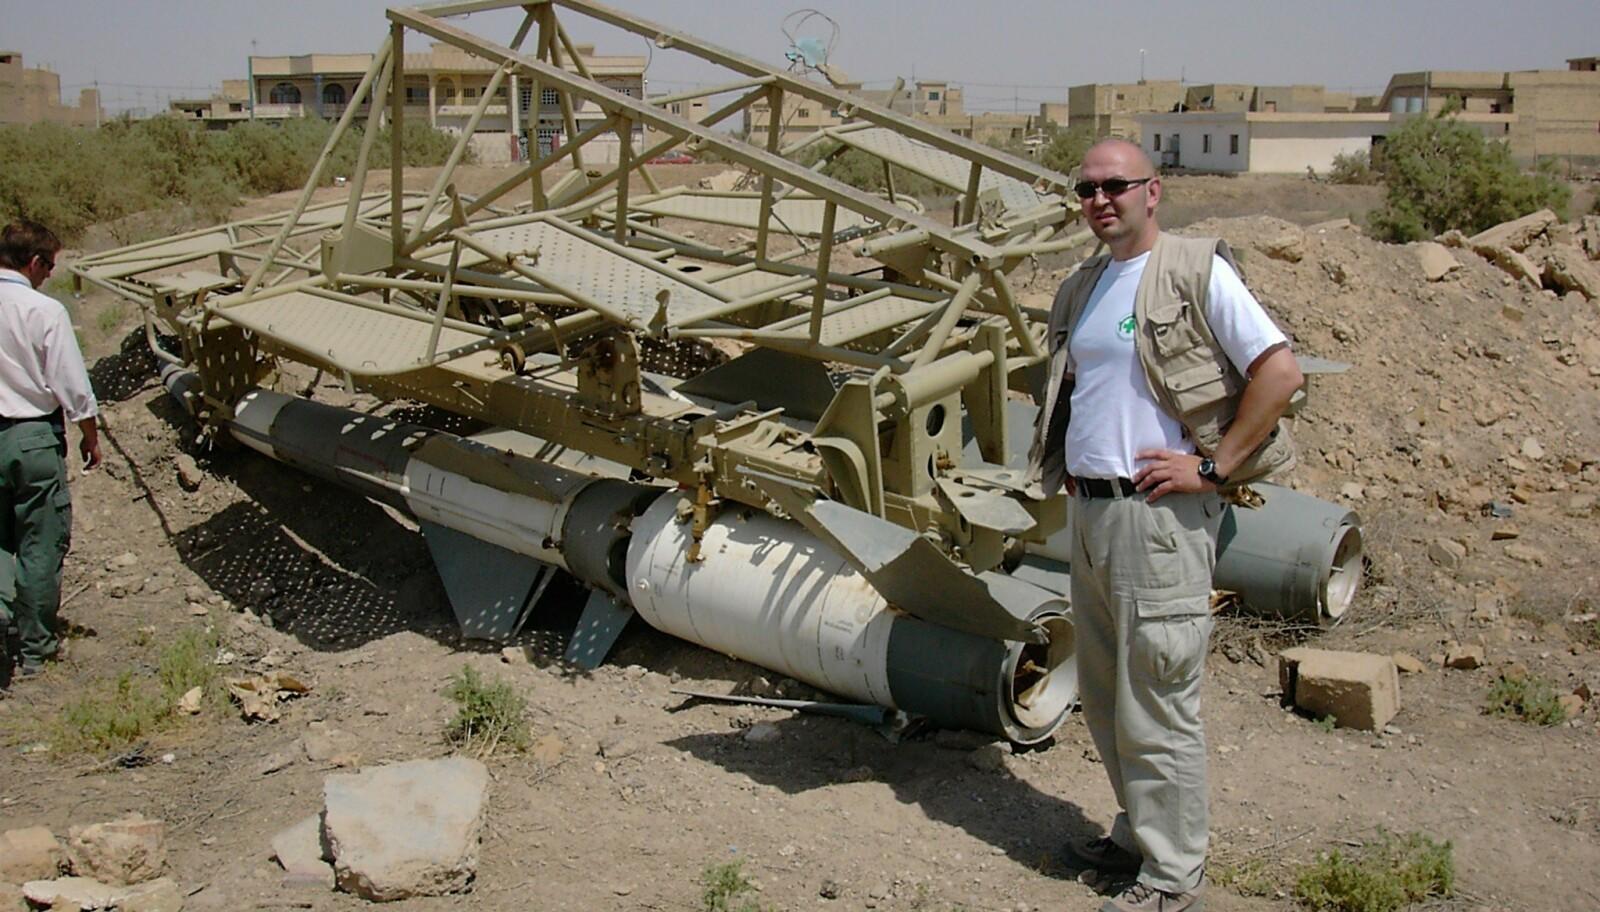 EKSPERT PÅ JOBB: I Bagdad like etter at krigen stanset i 2003. På bakken ligger to bakke-til-luft-missiler.